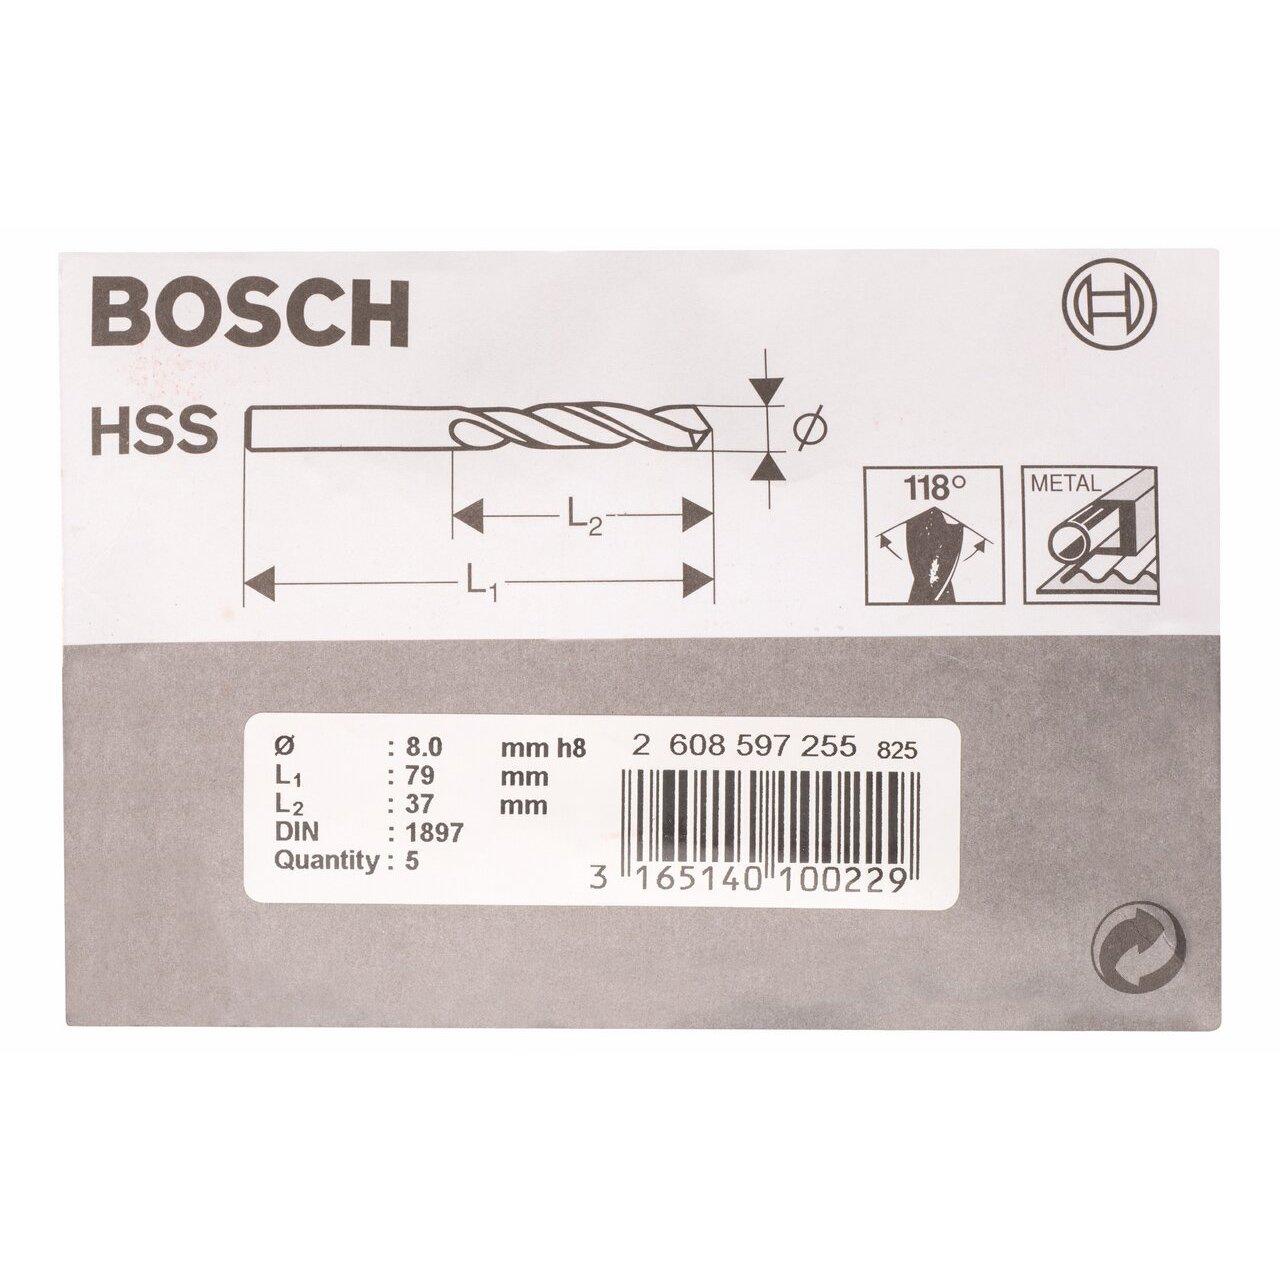 Bosch Professional Karosseriebohrer HSS-R rollgewalzt 10 St/ück, /Ø 3,2 mm